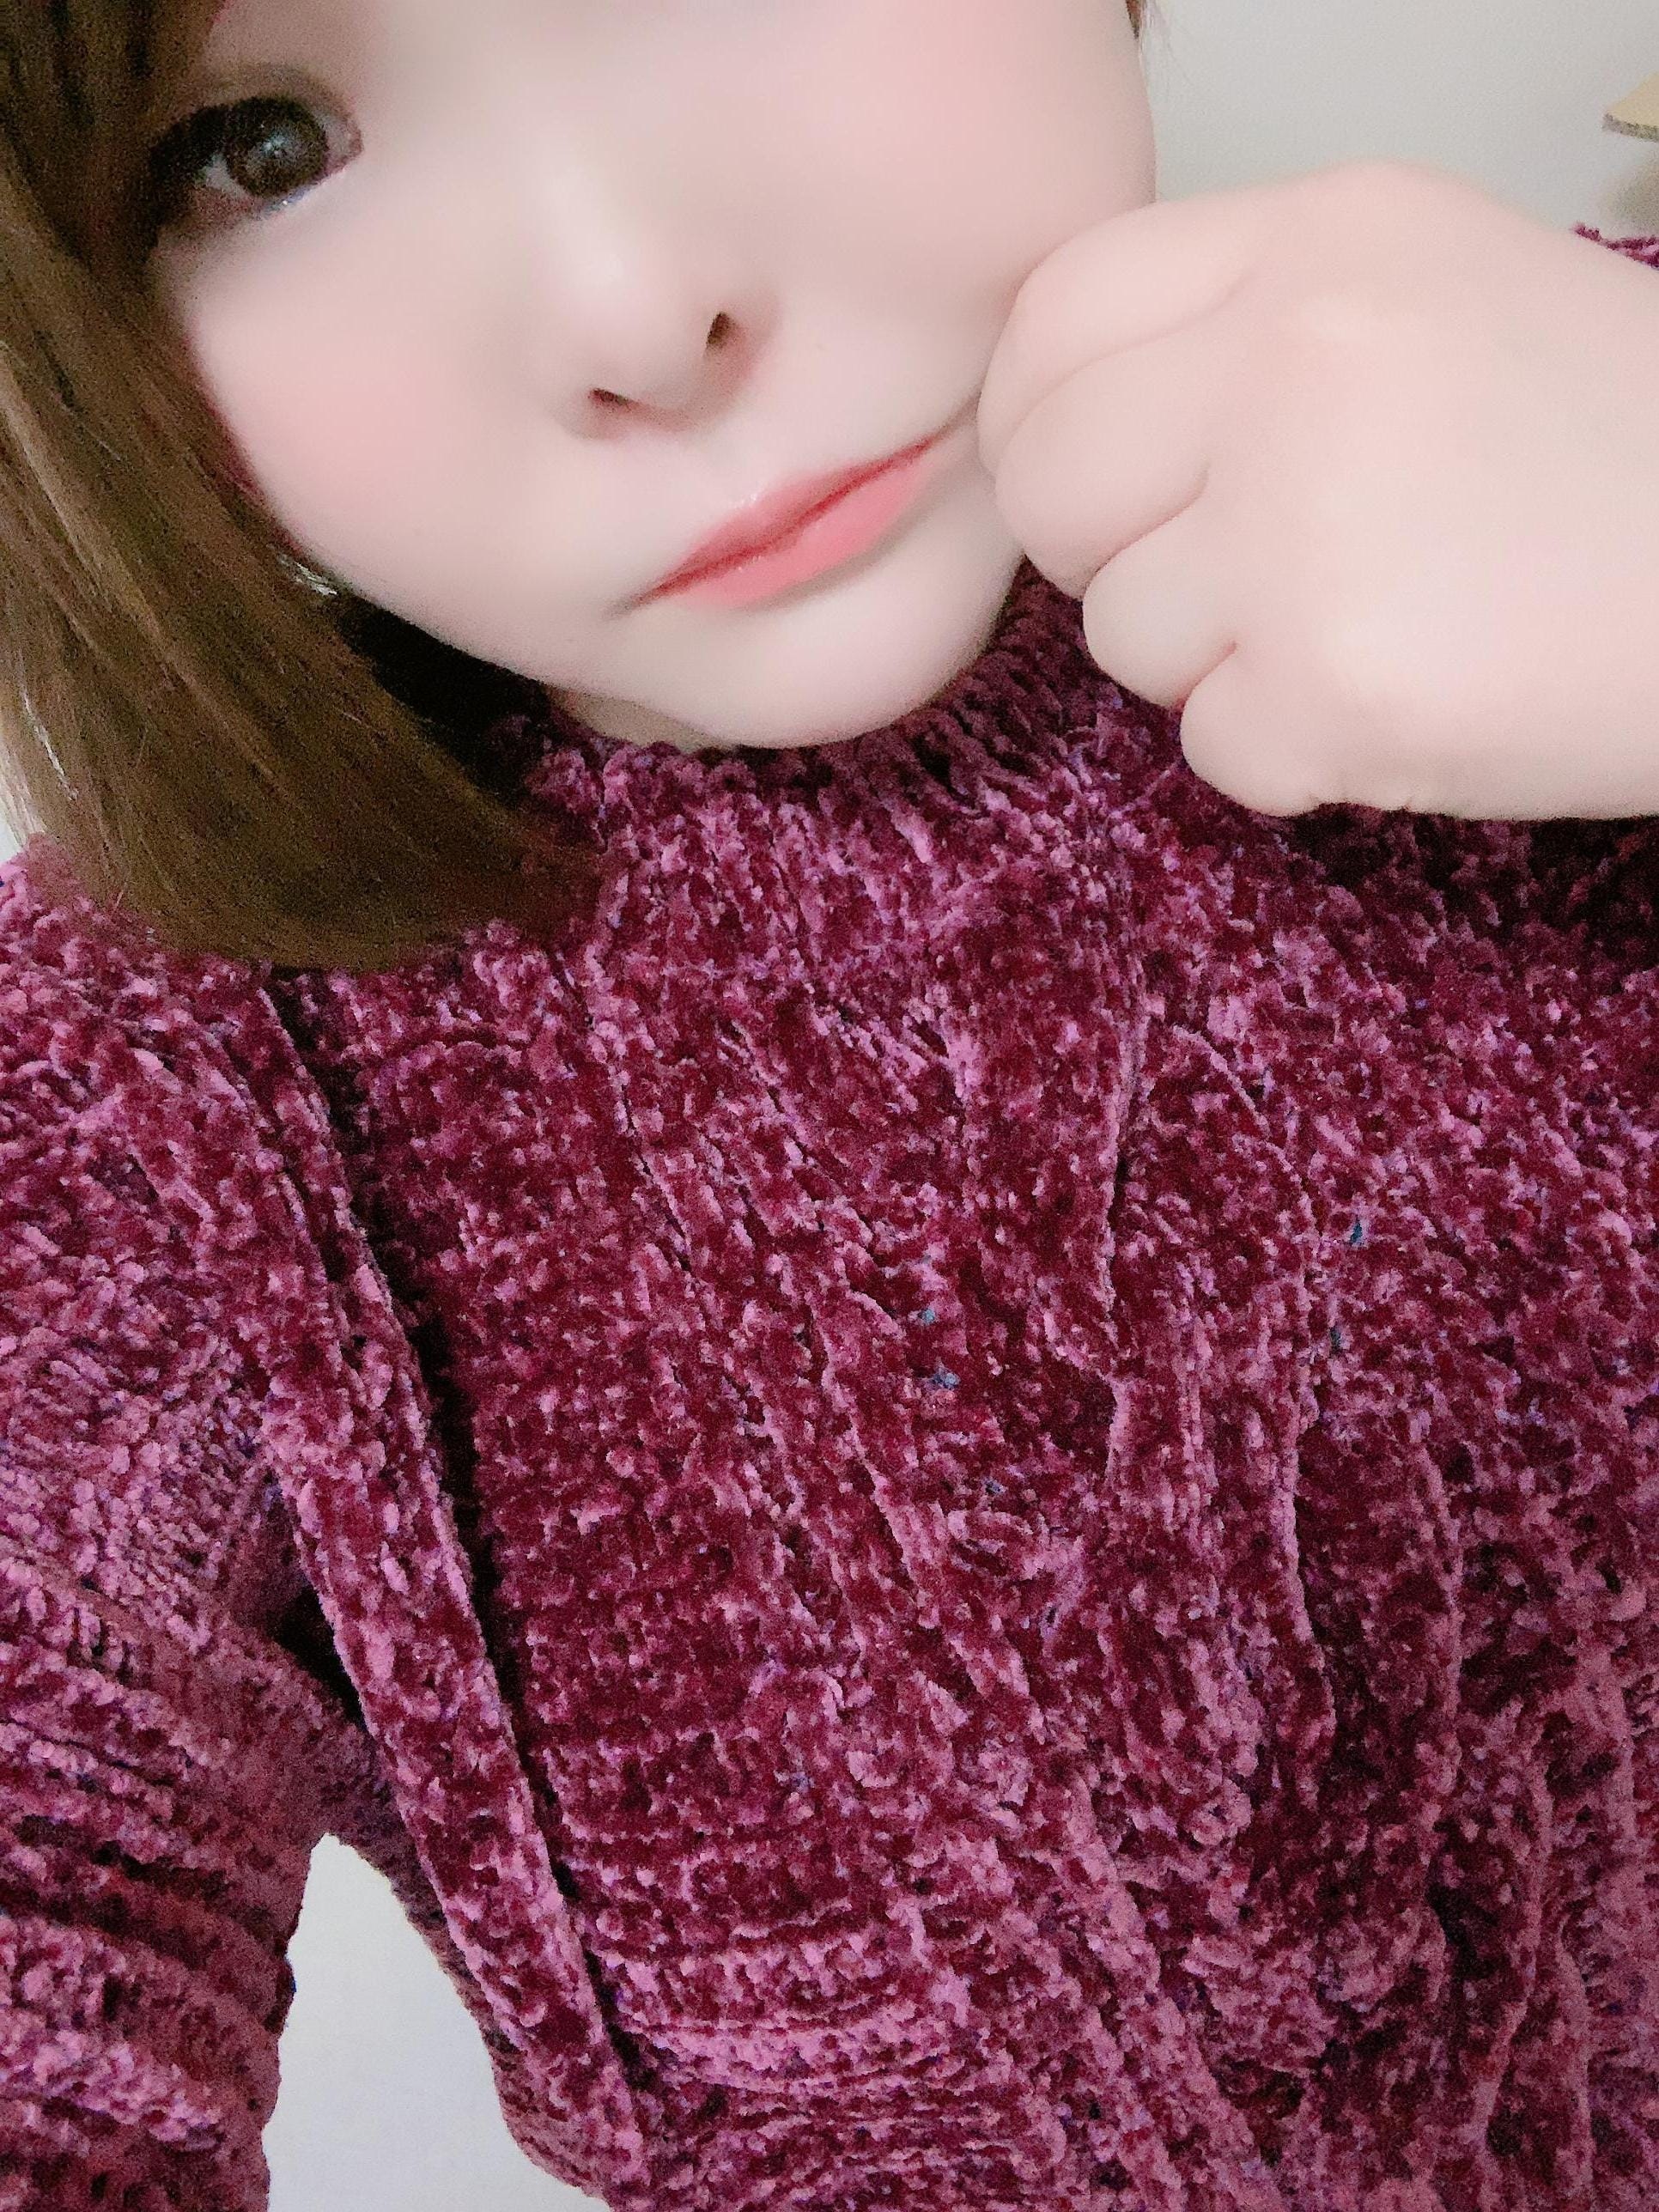 「どうする?」02/18日(月) 13:56   さとみの写メ・風俗動画